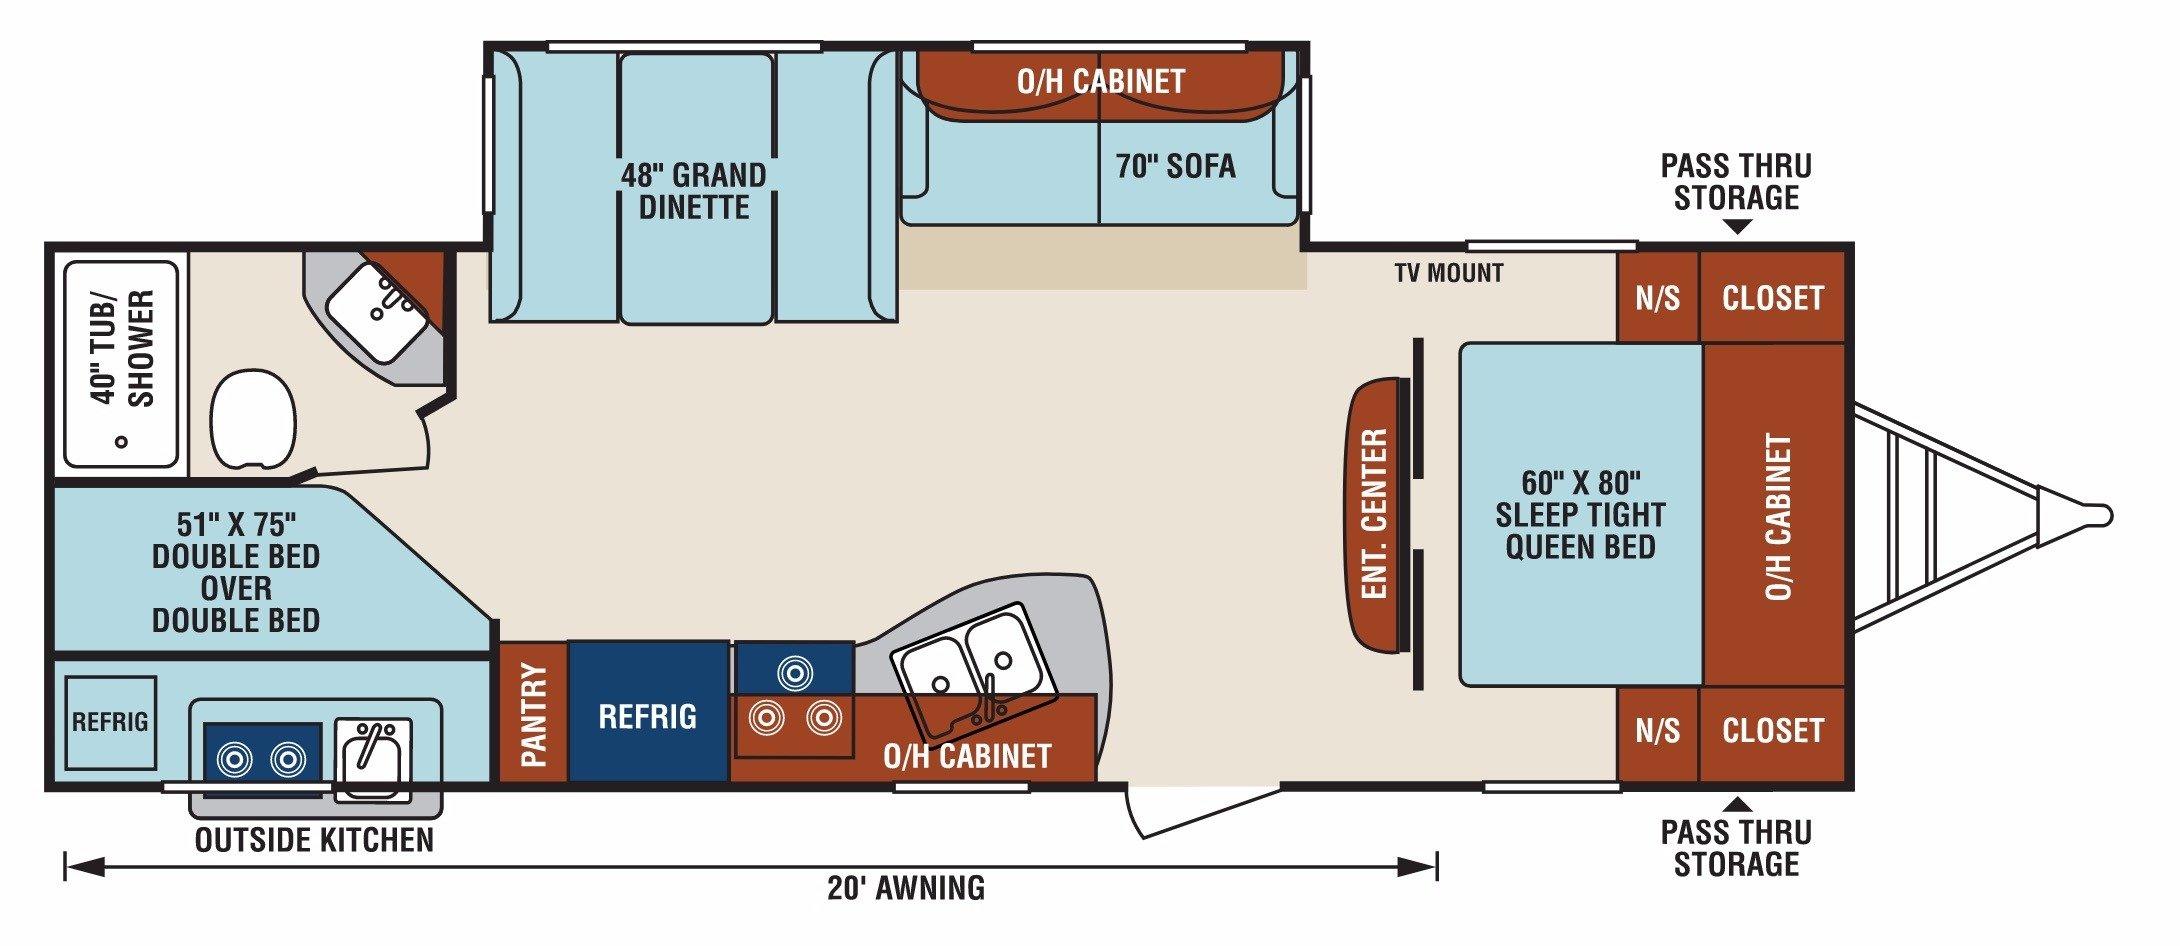 View Floor Plan for 2018 VENTURE RV SPORTTREK 270VBH